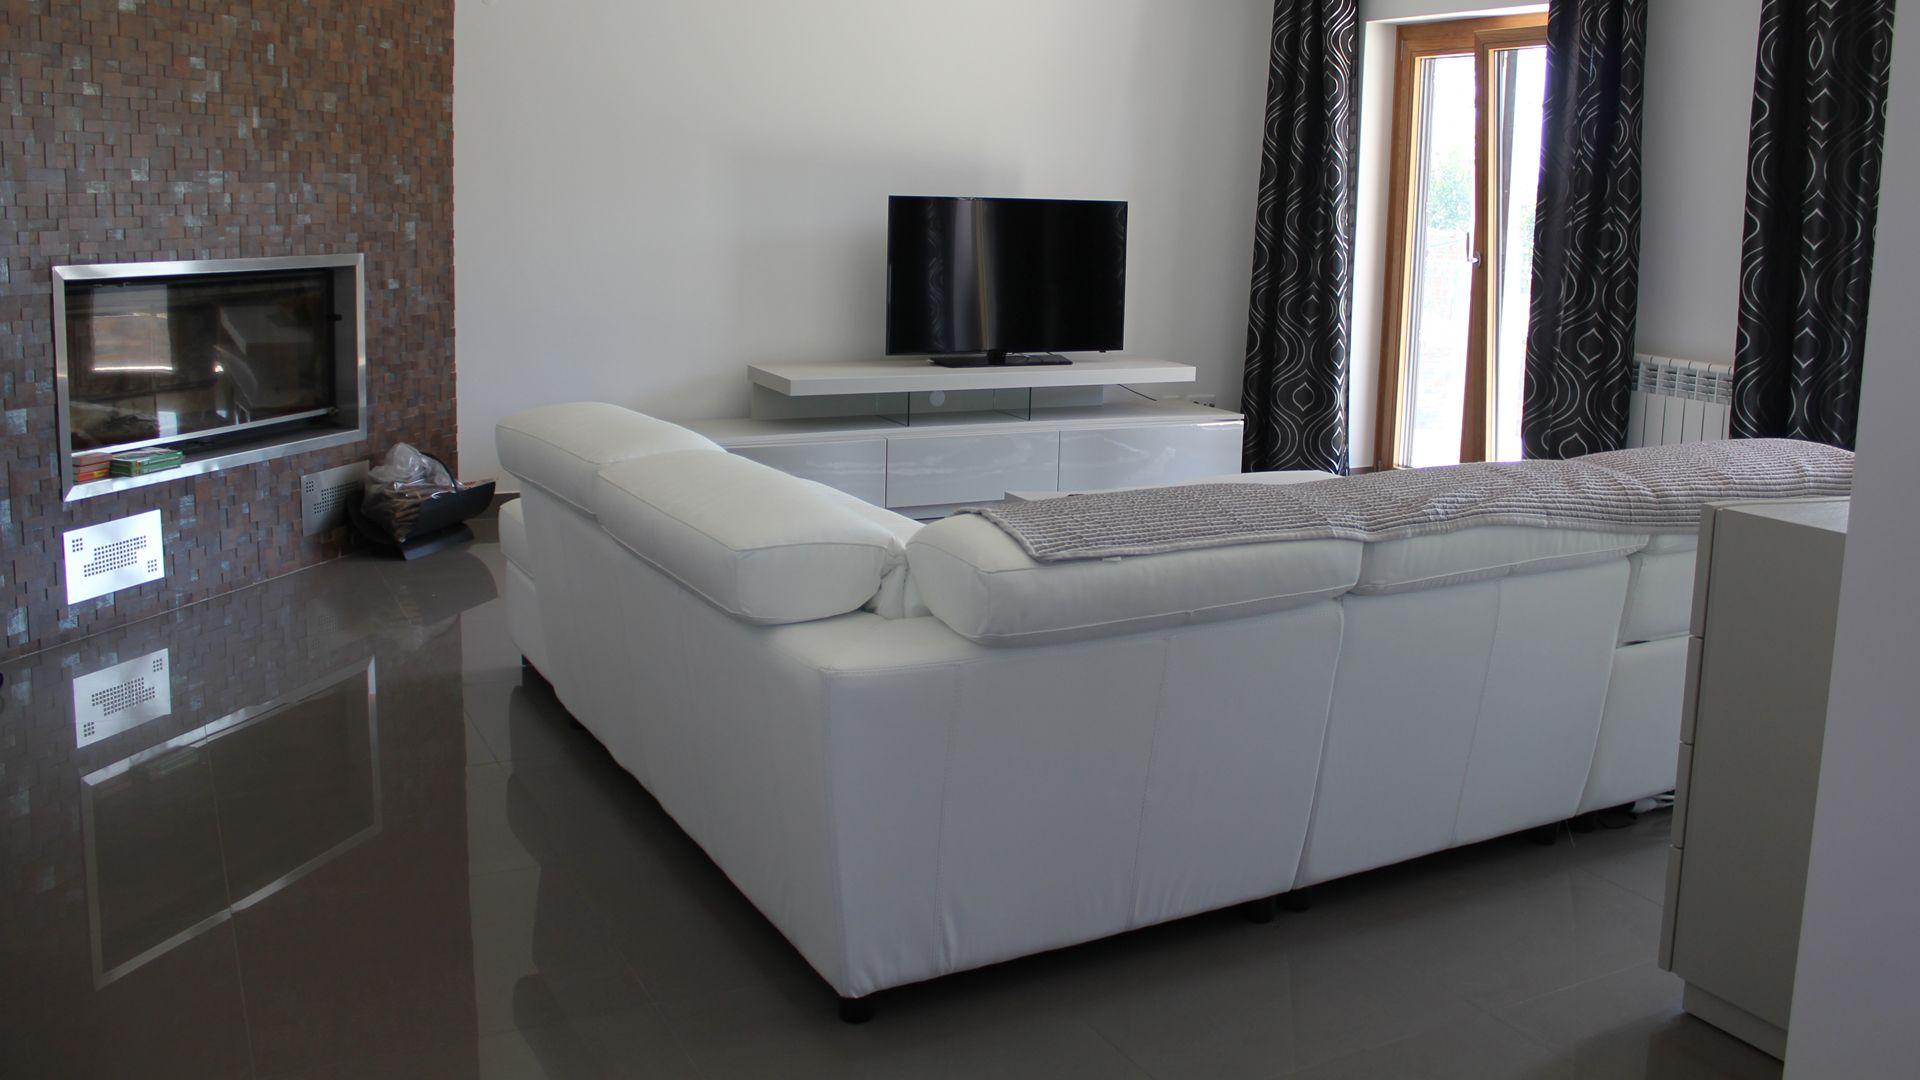 Carrelage moderne pour un luxueux appartement cannois (06 ...